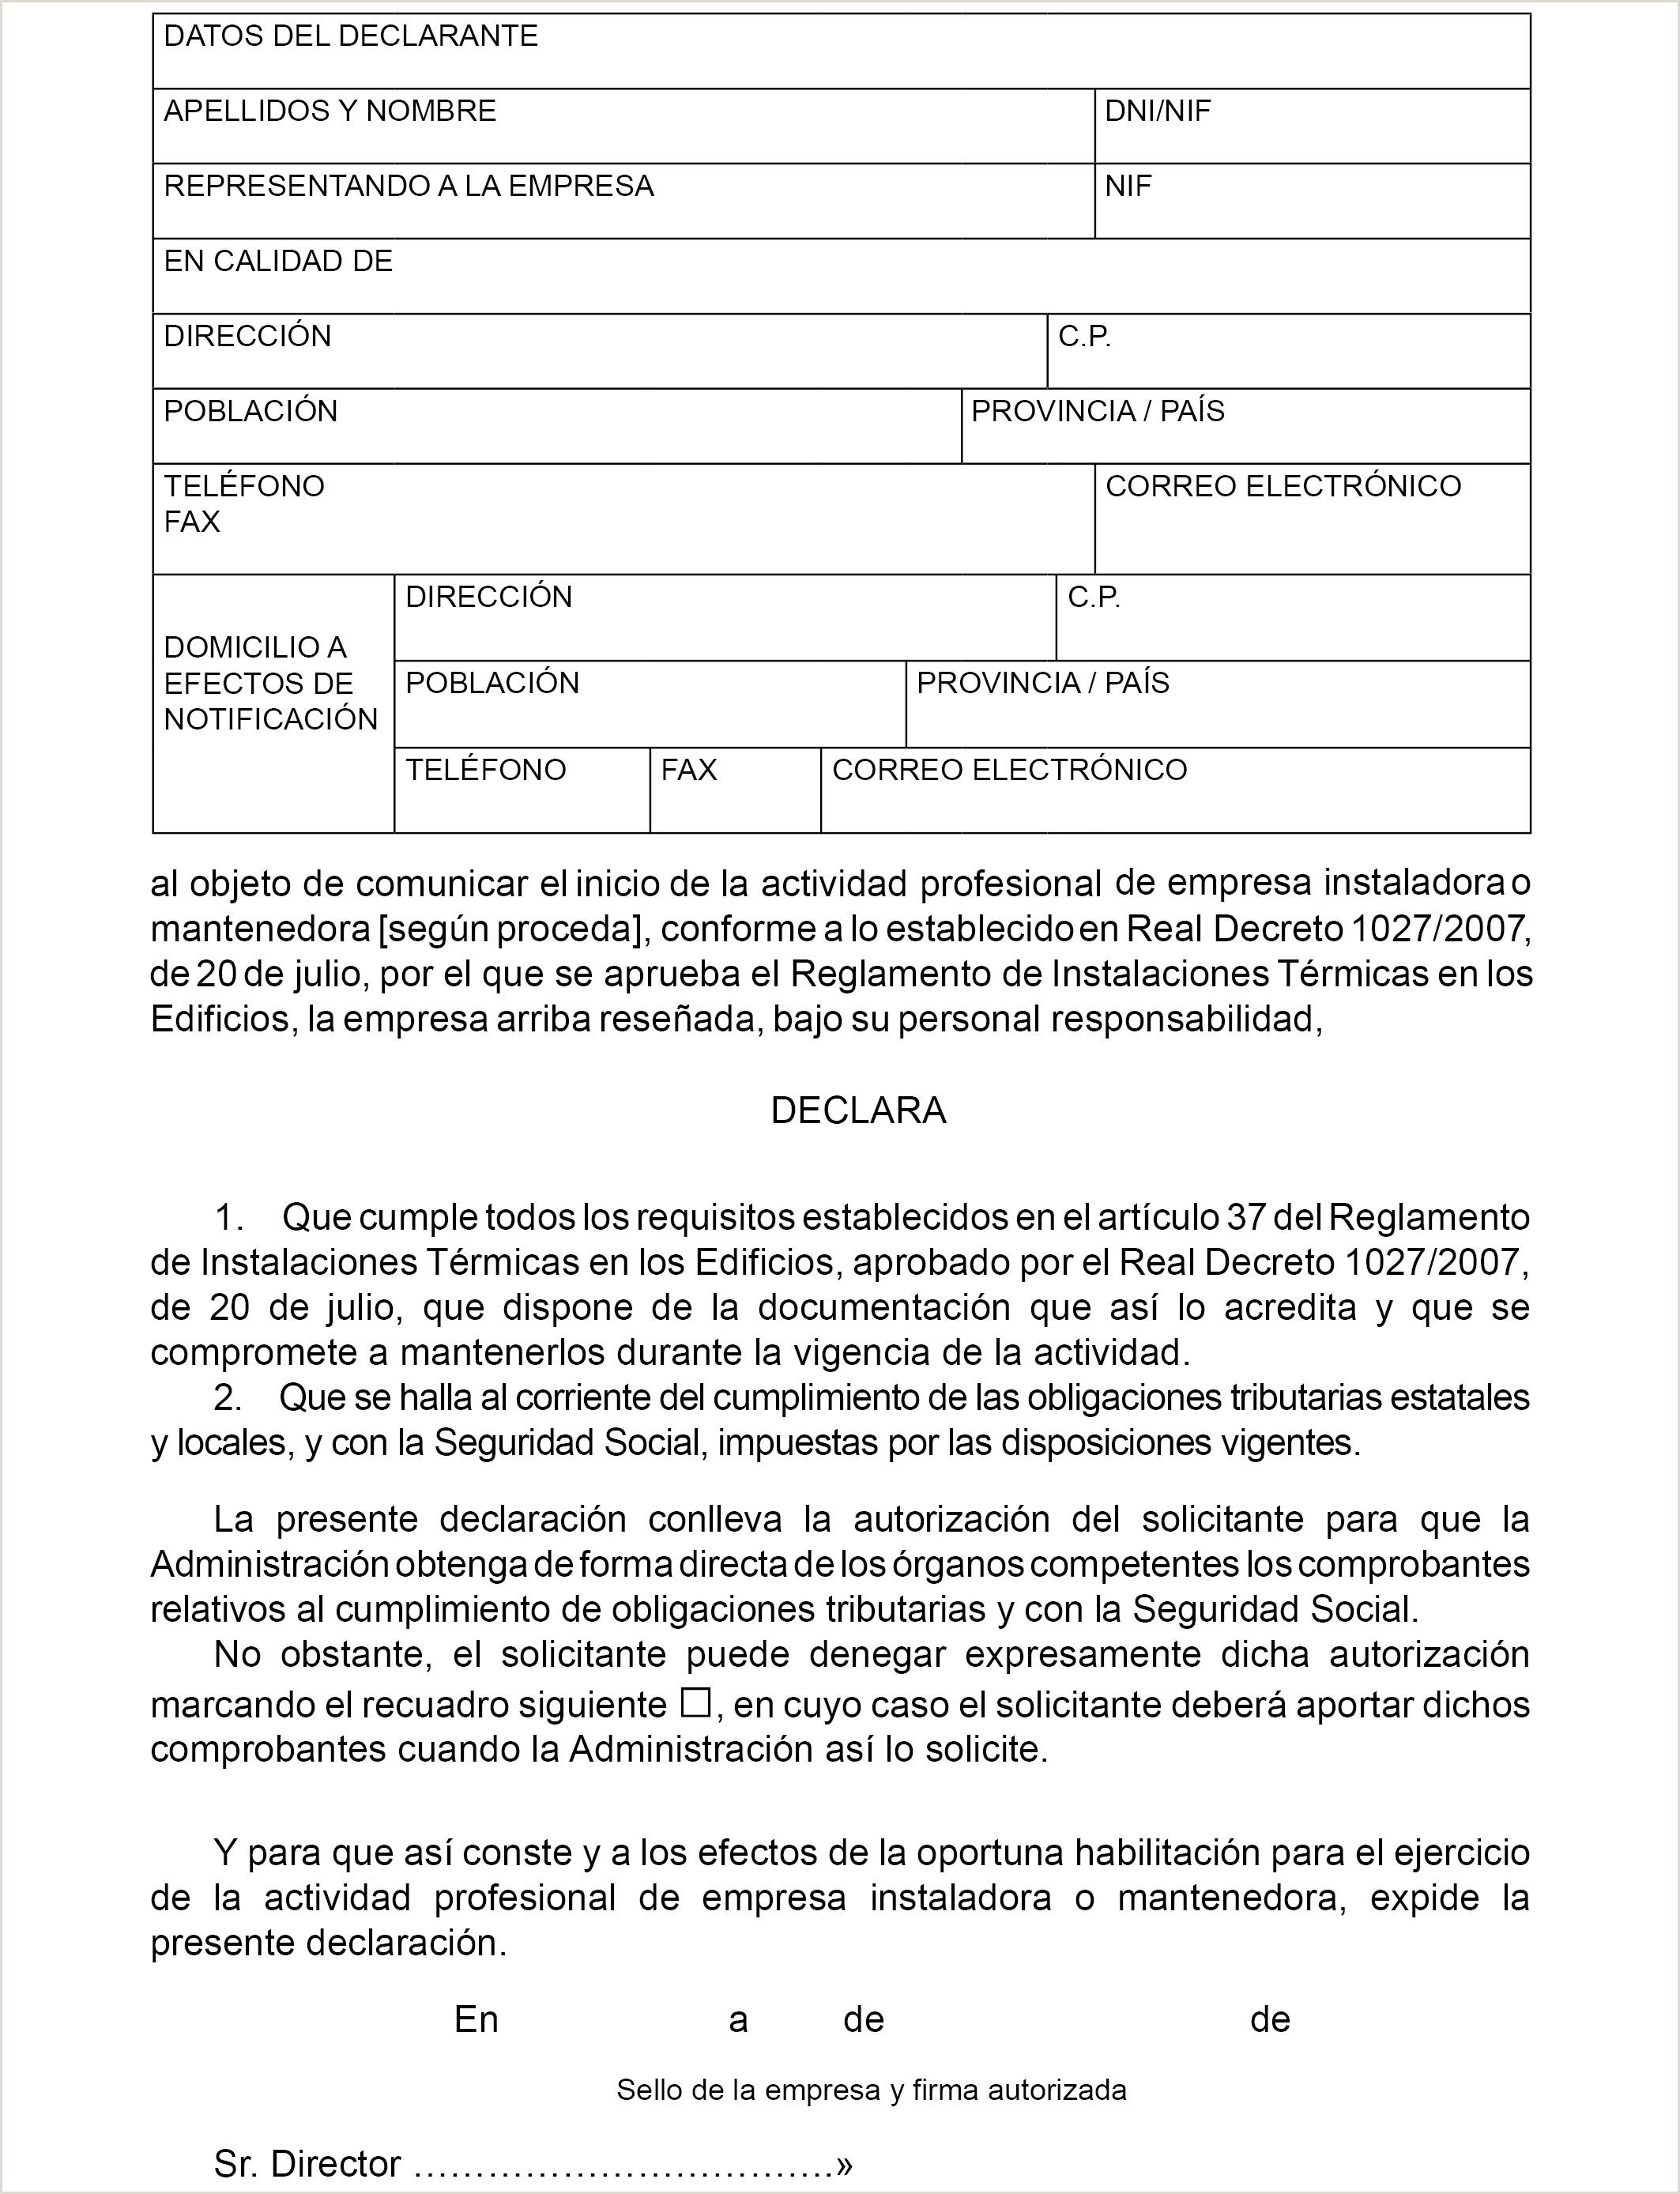 Formato De Hoja De Vida Bien Presentada Boe Documento Consolidado Boe A 2007